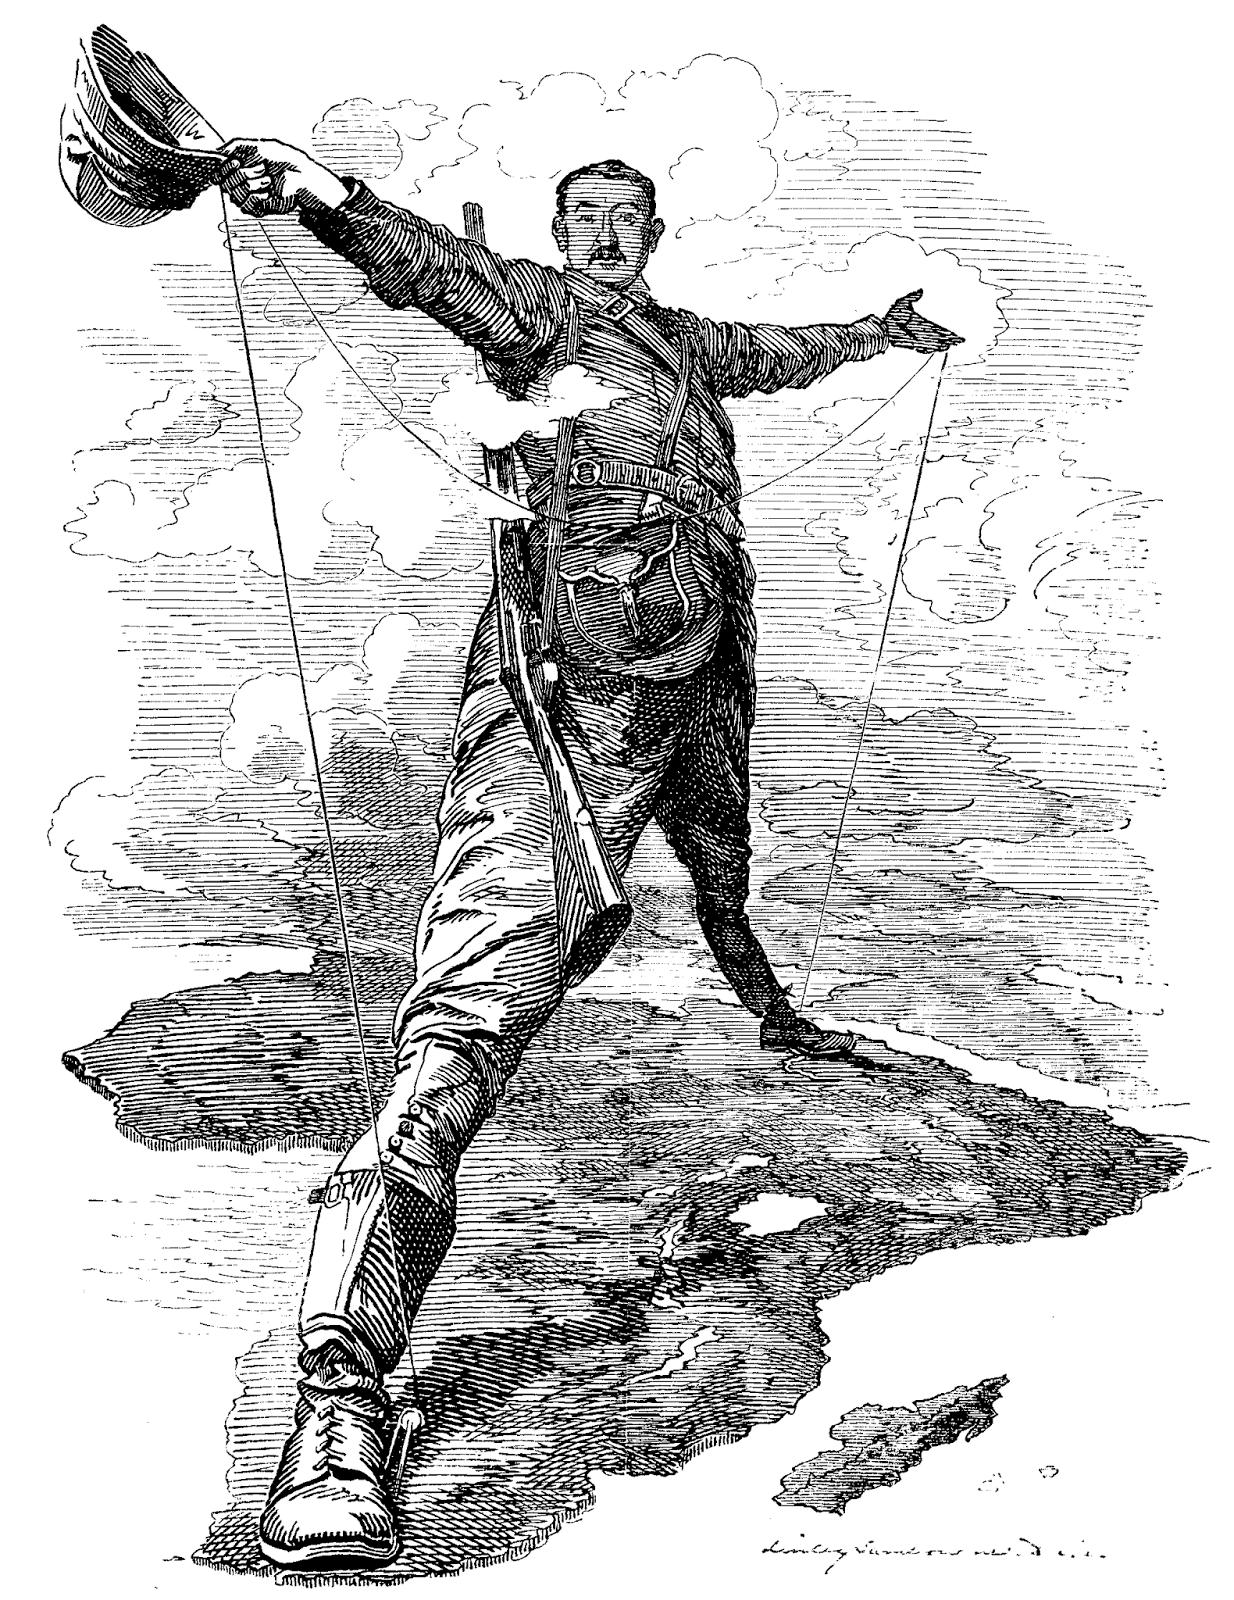 Karikatur von Edward Linley Sambourne zum Kap-Kairo-Plan von Cecil Rhodes im Punch, 1892